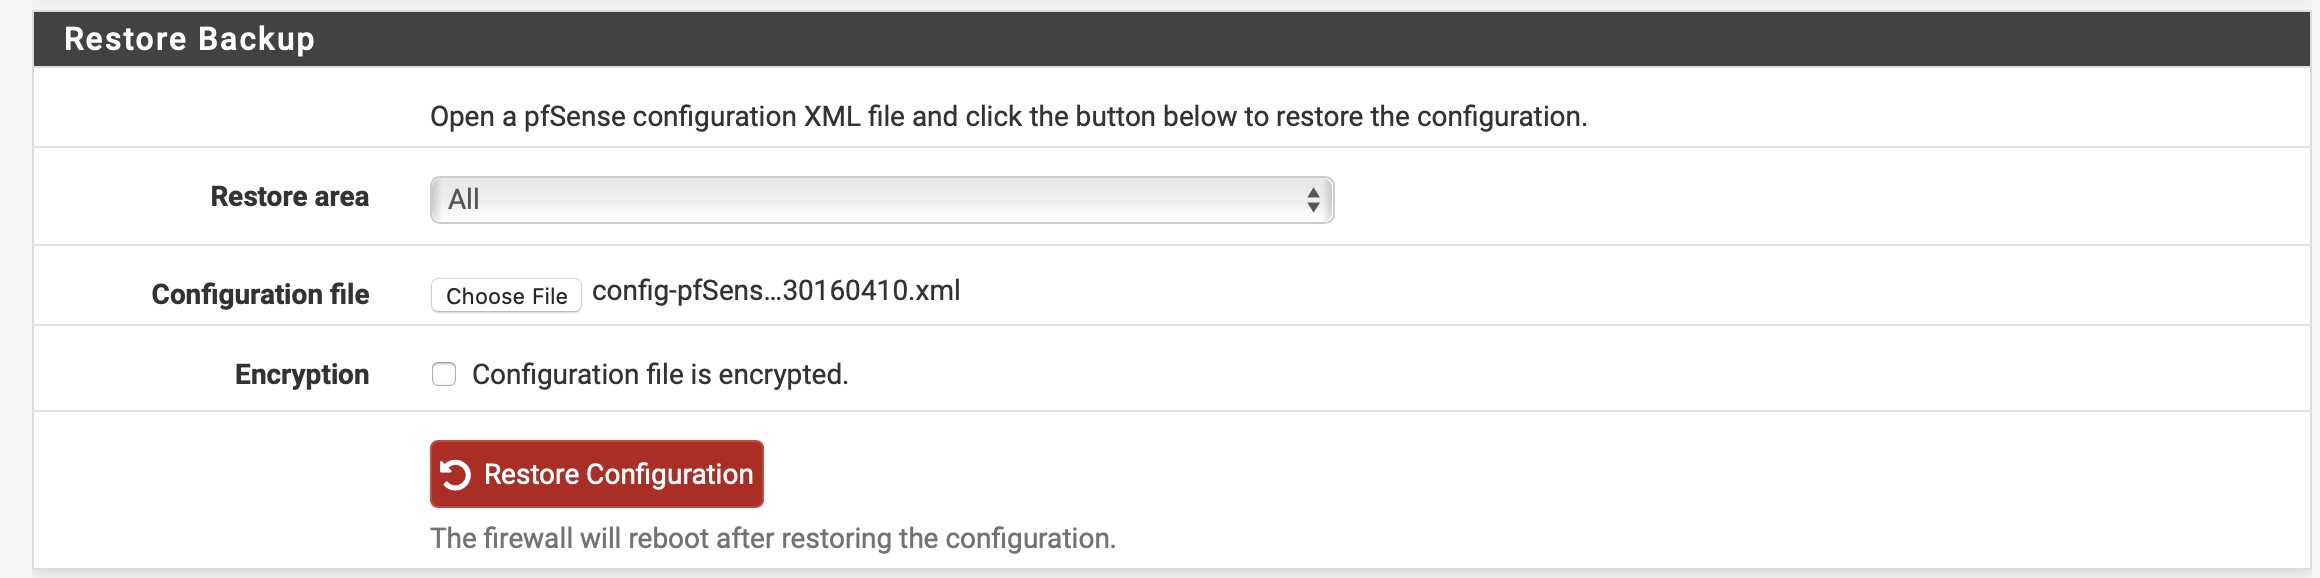 pfSense config wieder einspielen - XTM5 Neusinstallation